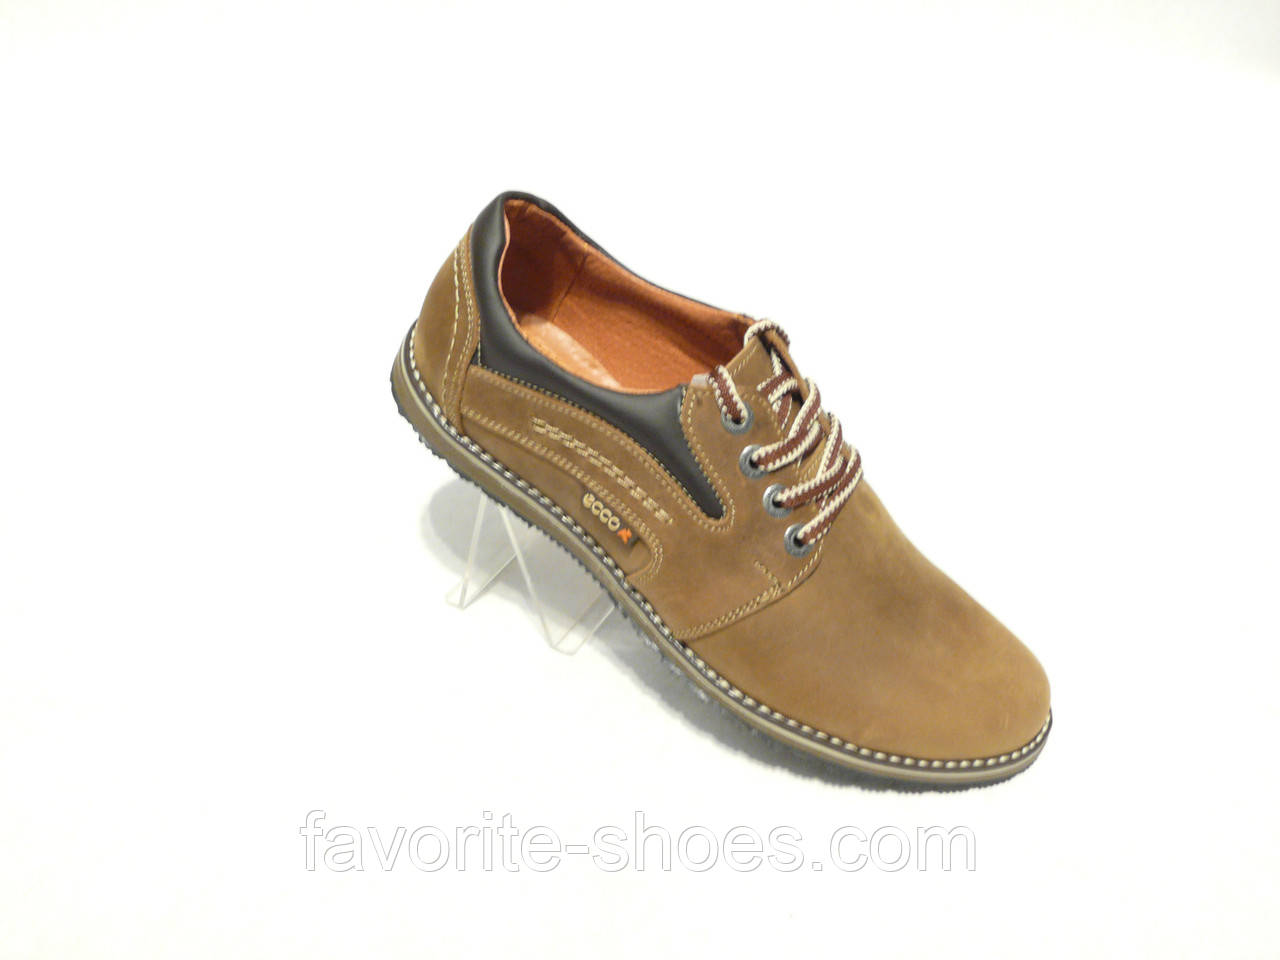 b534132ff Кожаные мужские спортивные туфли ECCO олива - Интернет - магазин